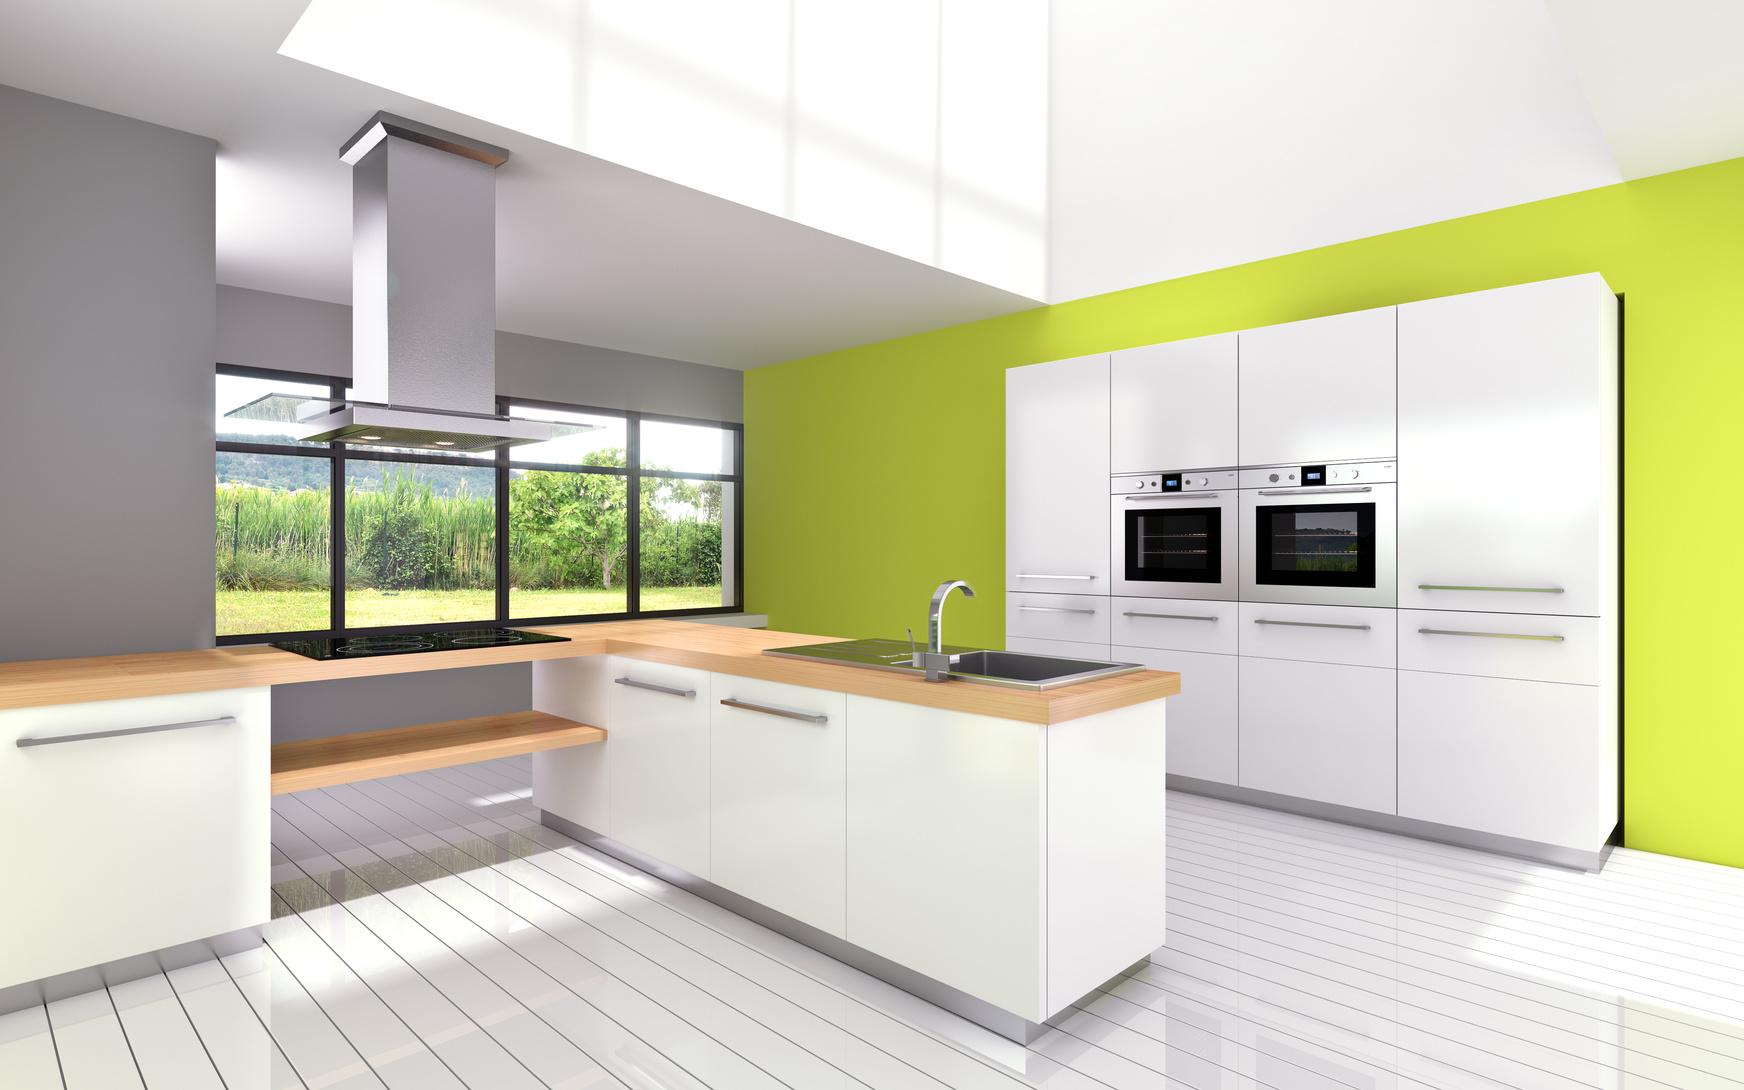 Jak farb pomalowa kuchni - Composteur de cuisine design ...